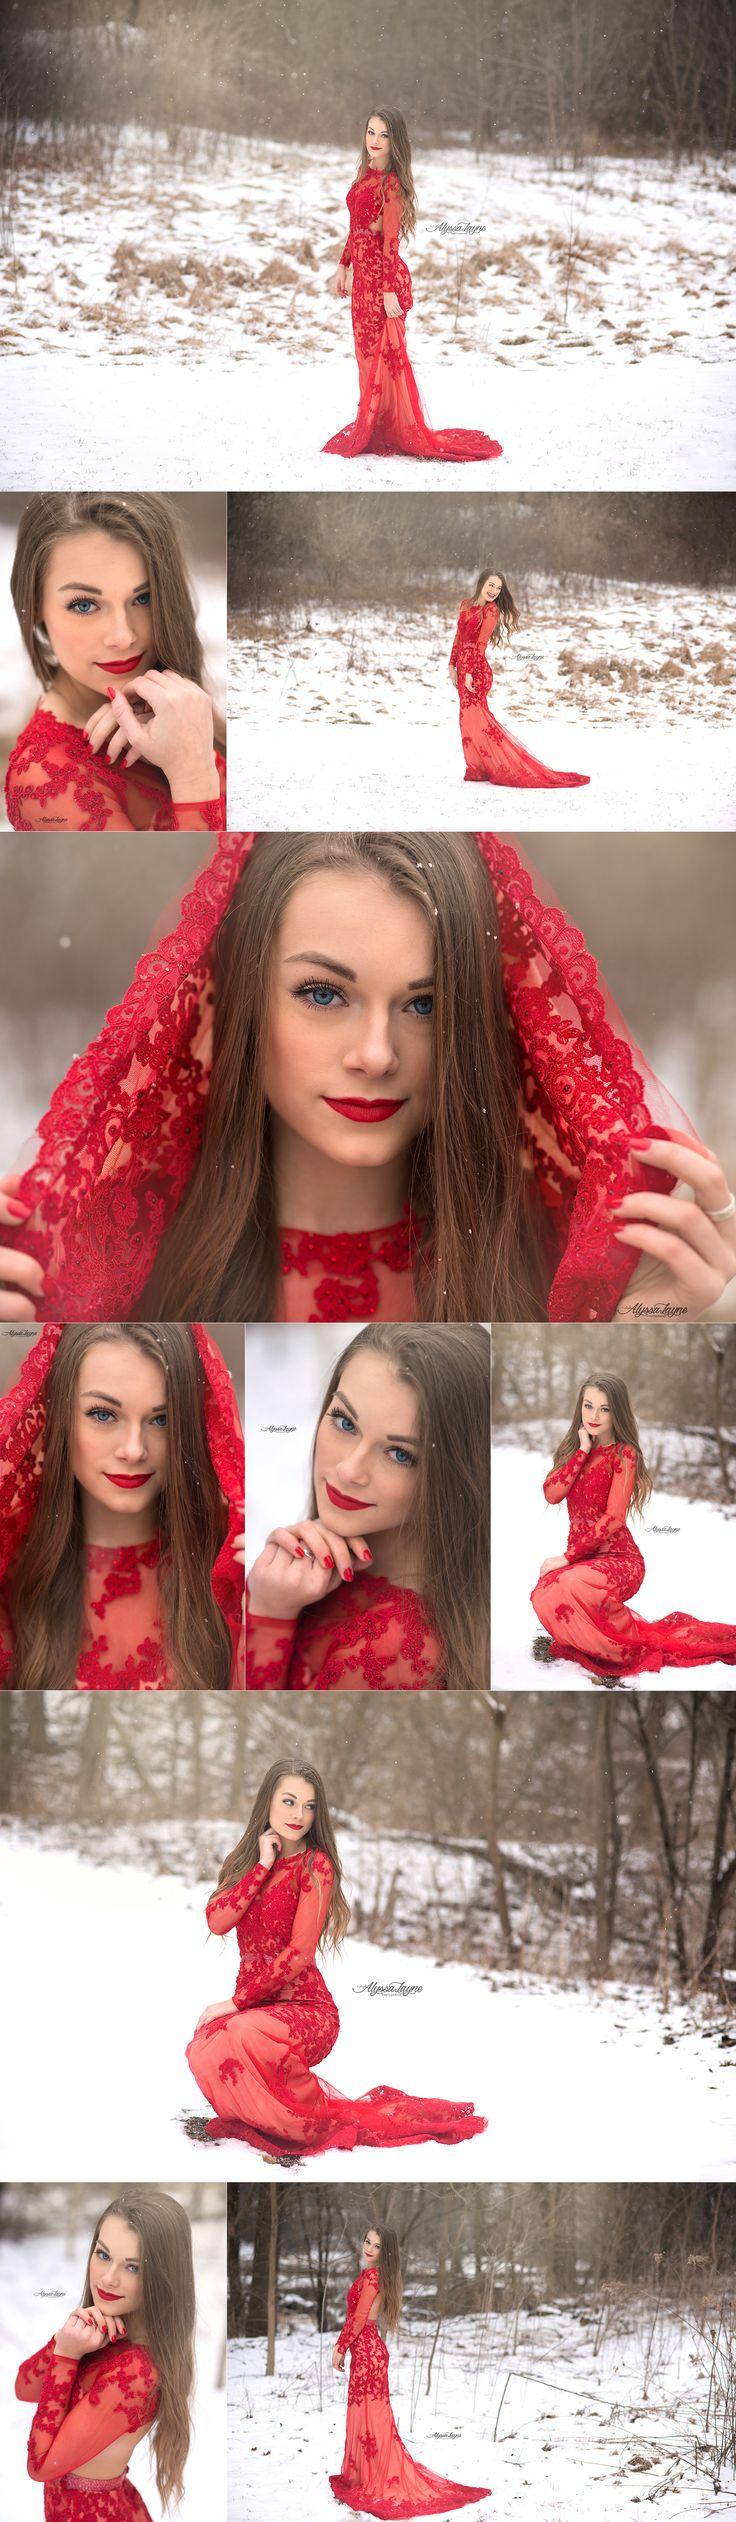 Illinois Senior Pictures | Alyssa Layne Photography | Winter Session | Senior Pictures | Senior Pose | Posing Ideas | Senior Photographer | Snow